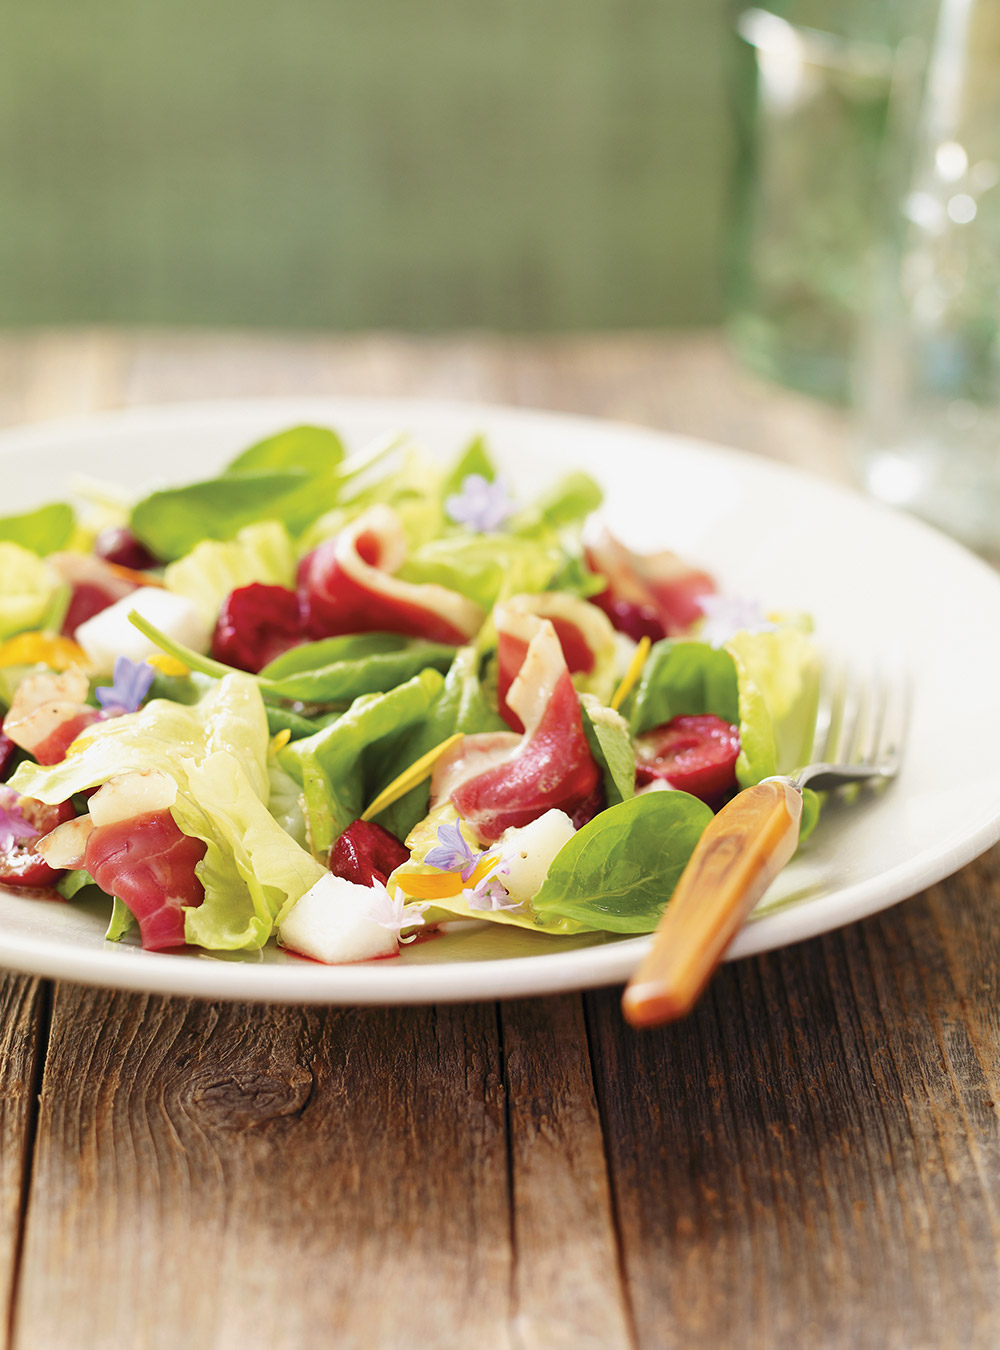 Salade tendre au canard fumé et aux cerises | ricardo